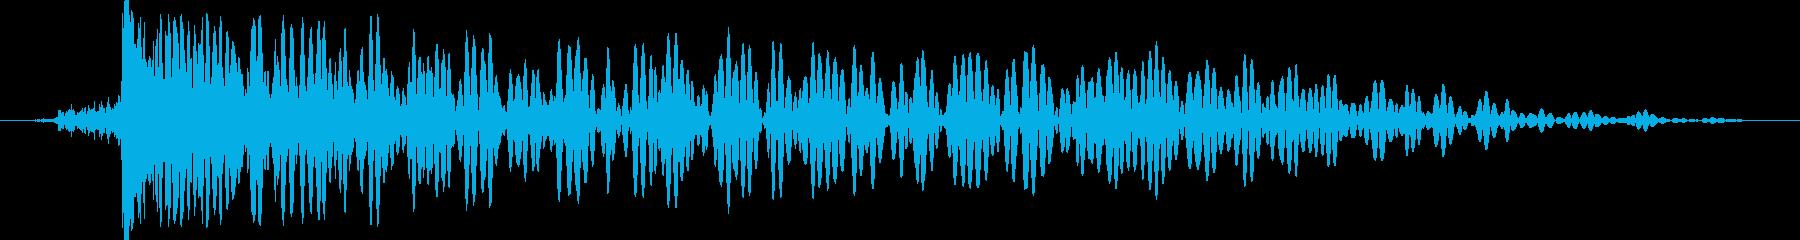 レーザーストライクの衝撃または爆発、乾燥の再生済みの波形